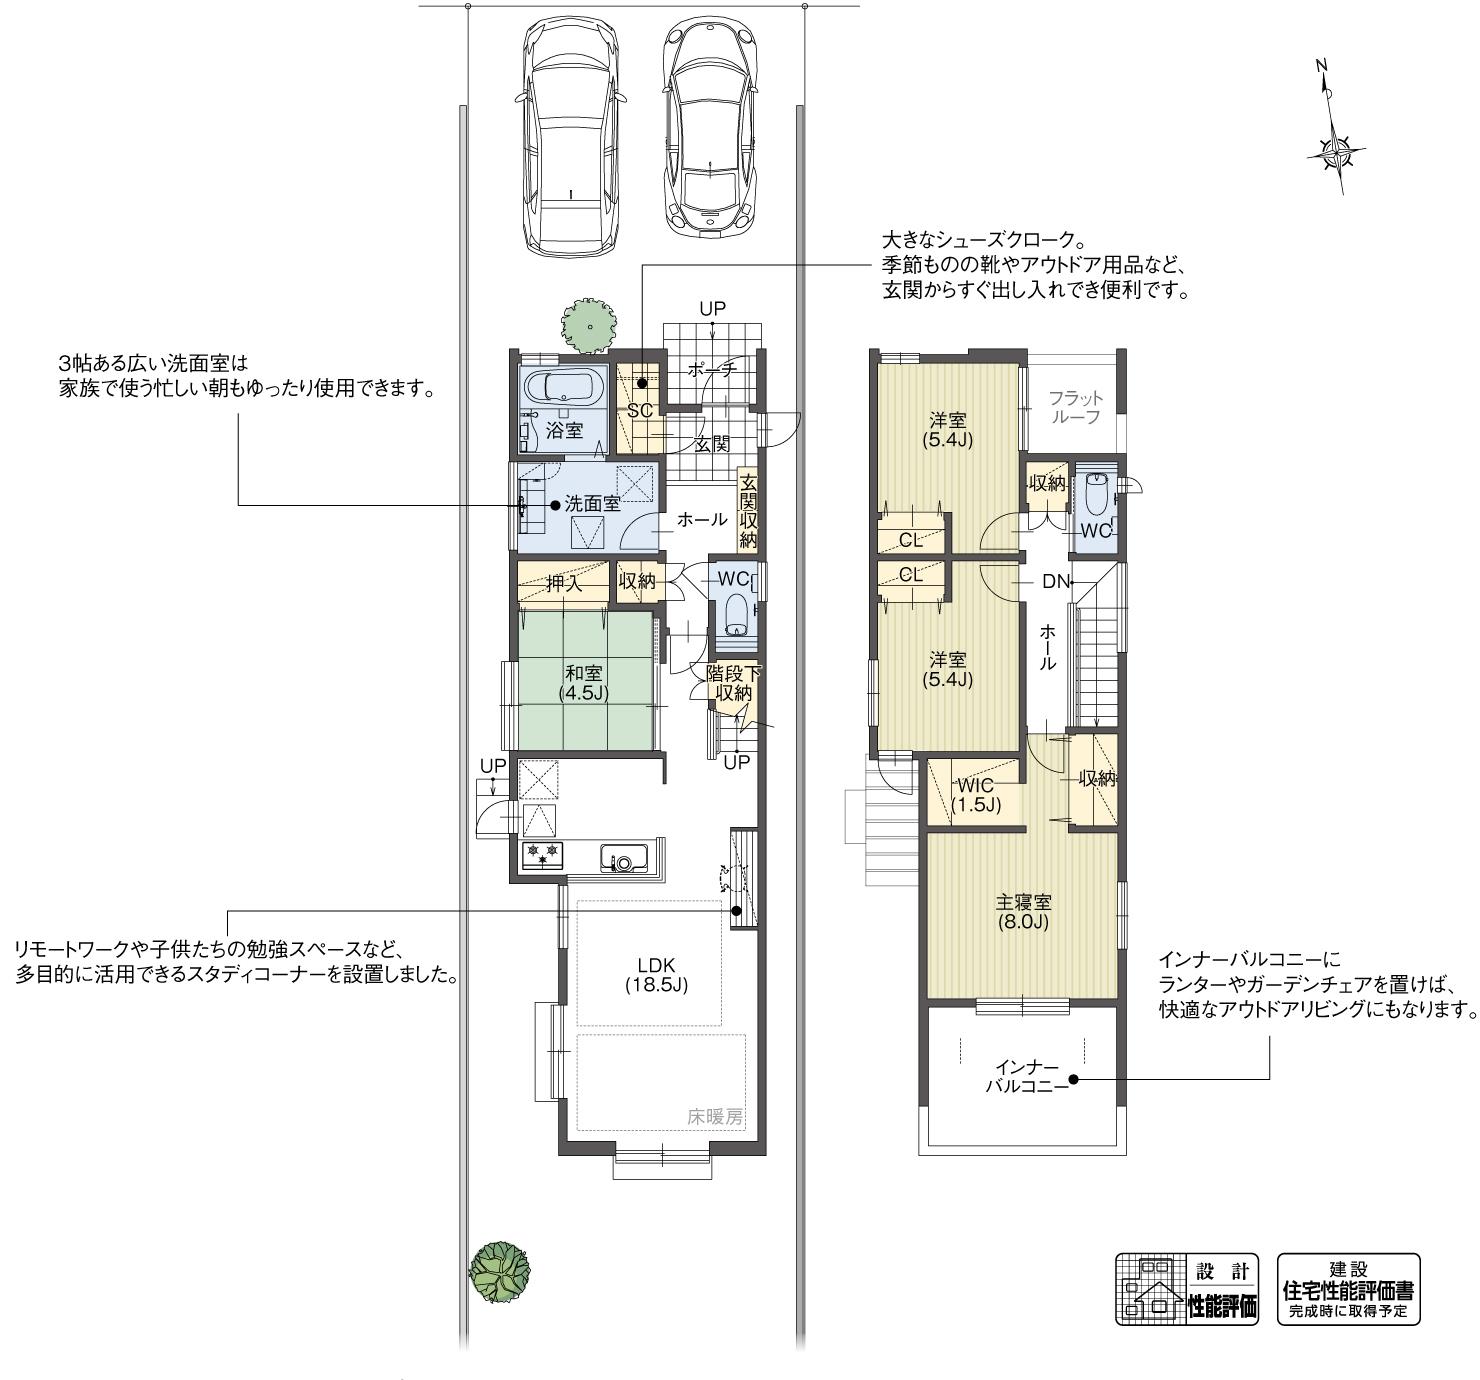 5_間取図_plan2_春日井市花長町3